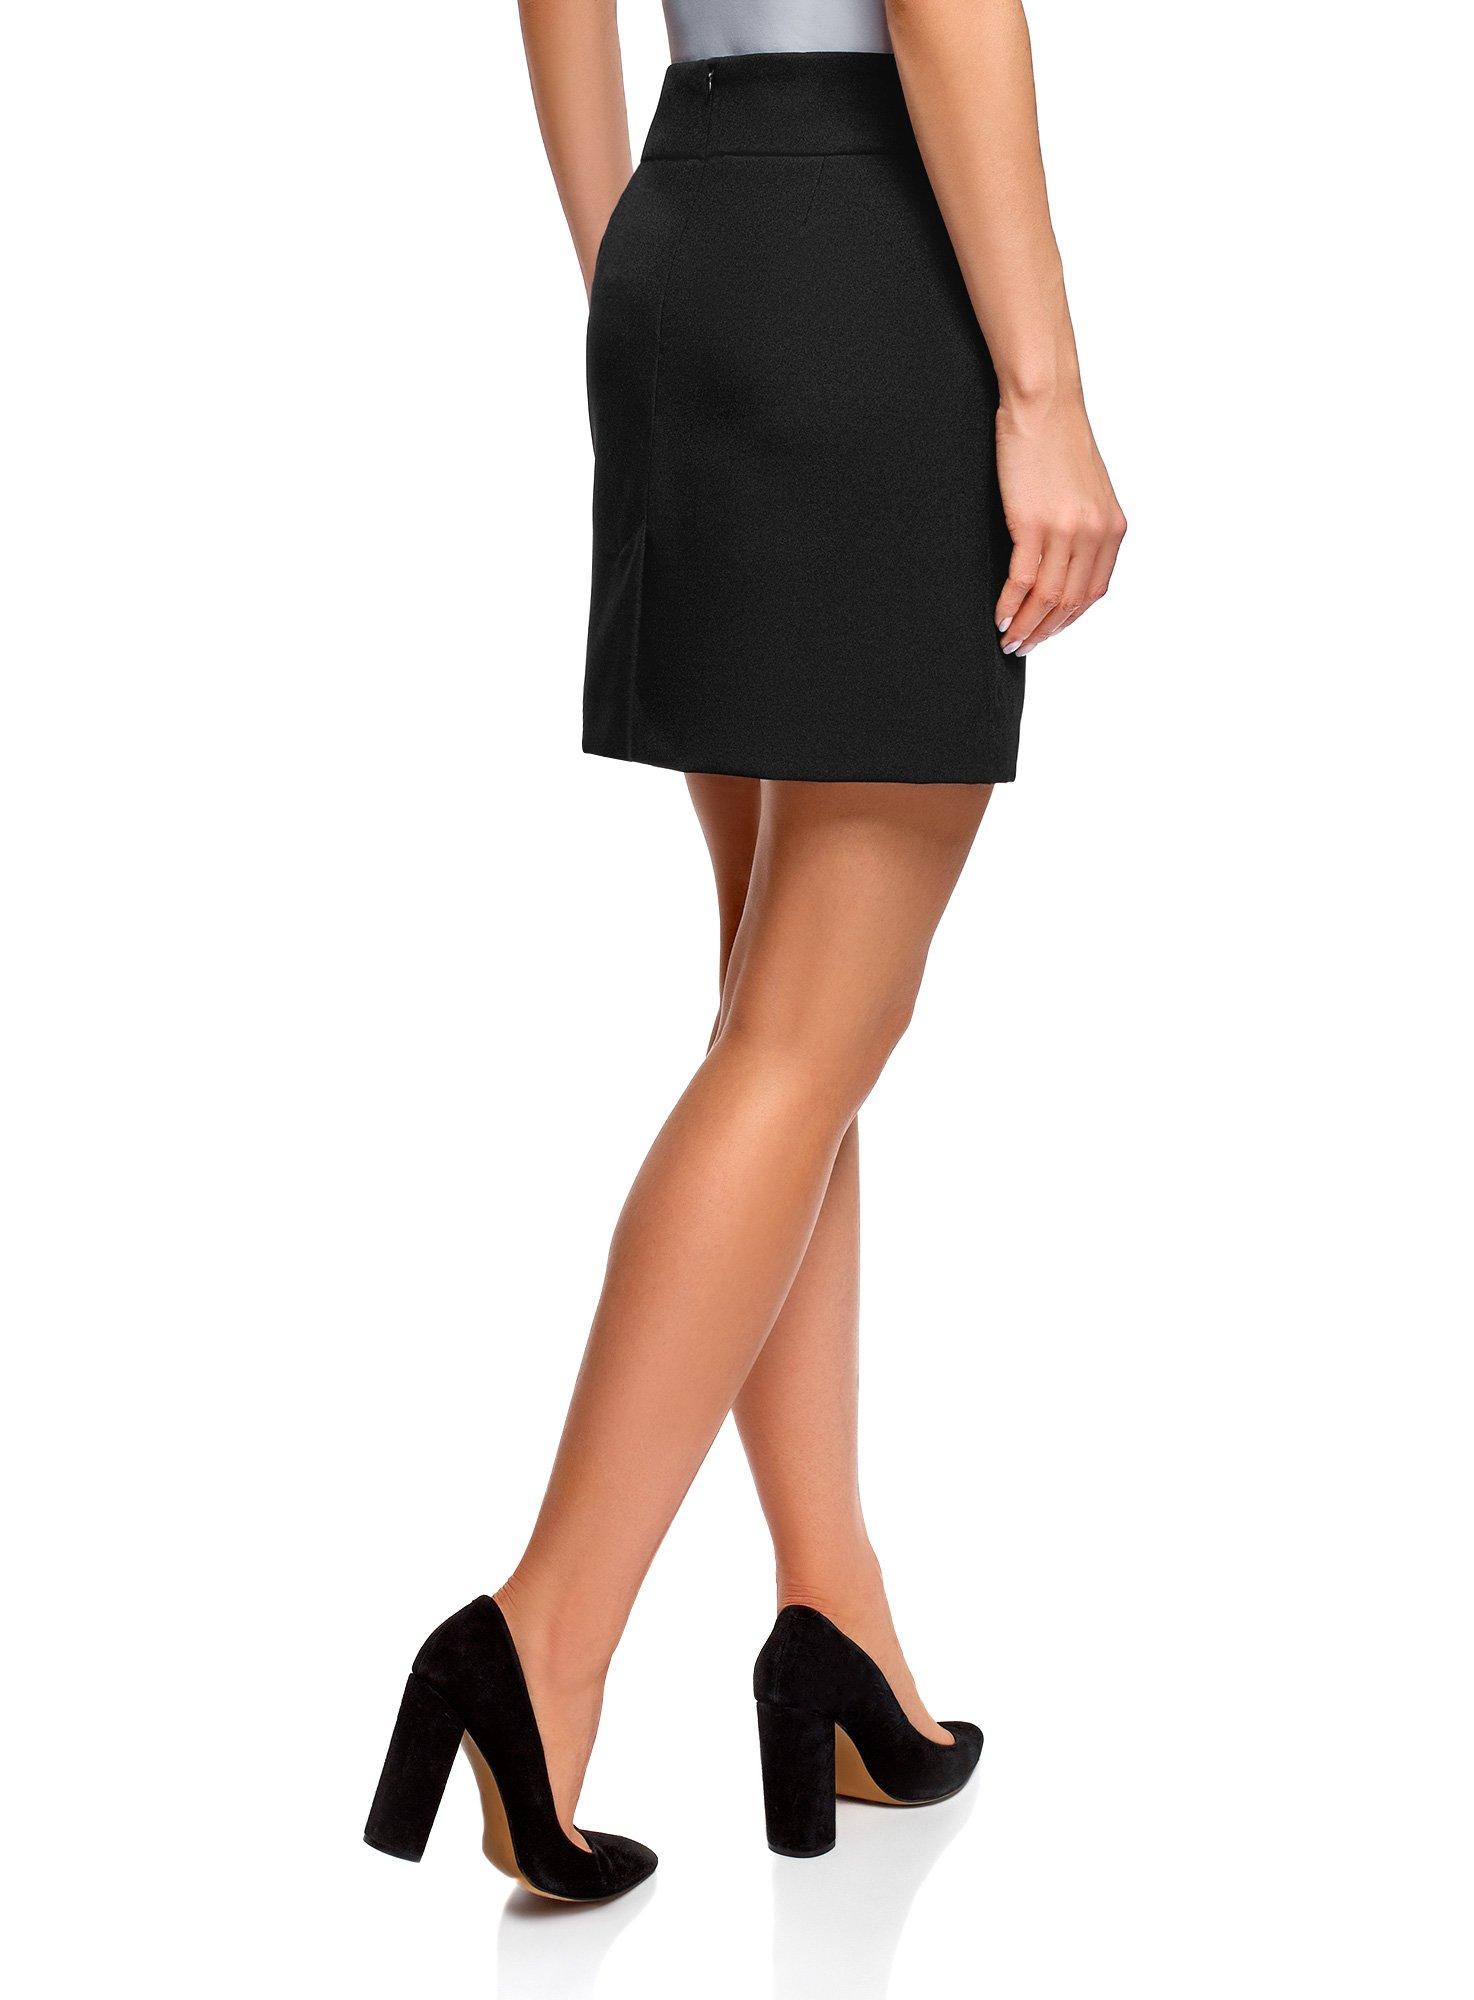 oodji Ultra Women's Basic Short Skirt, Black, 6 by oodji (Image #3)